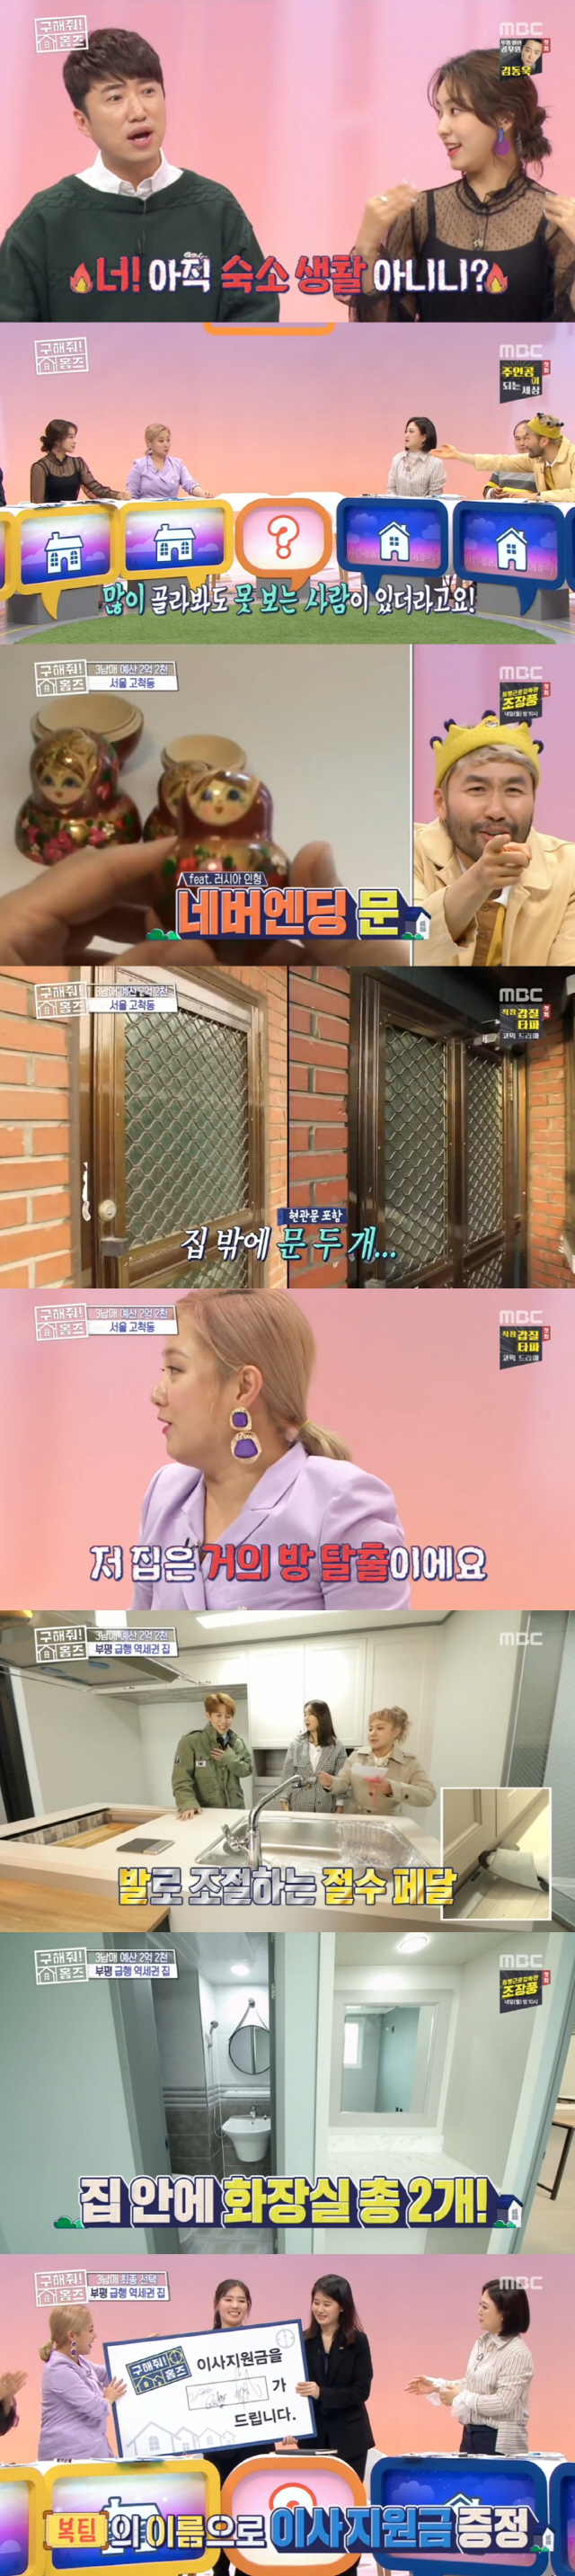 '구해줘 홈즈' 정규편성 2회만에 동시간대 1위 '쾌거'…집 구경 '재미 쏠쏠'